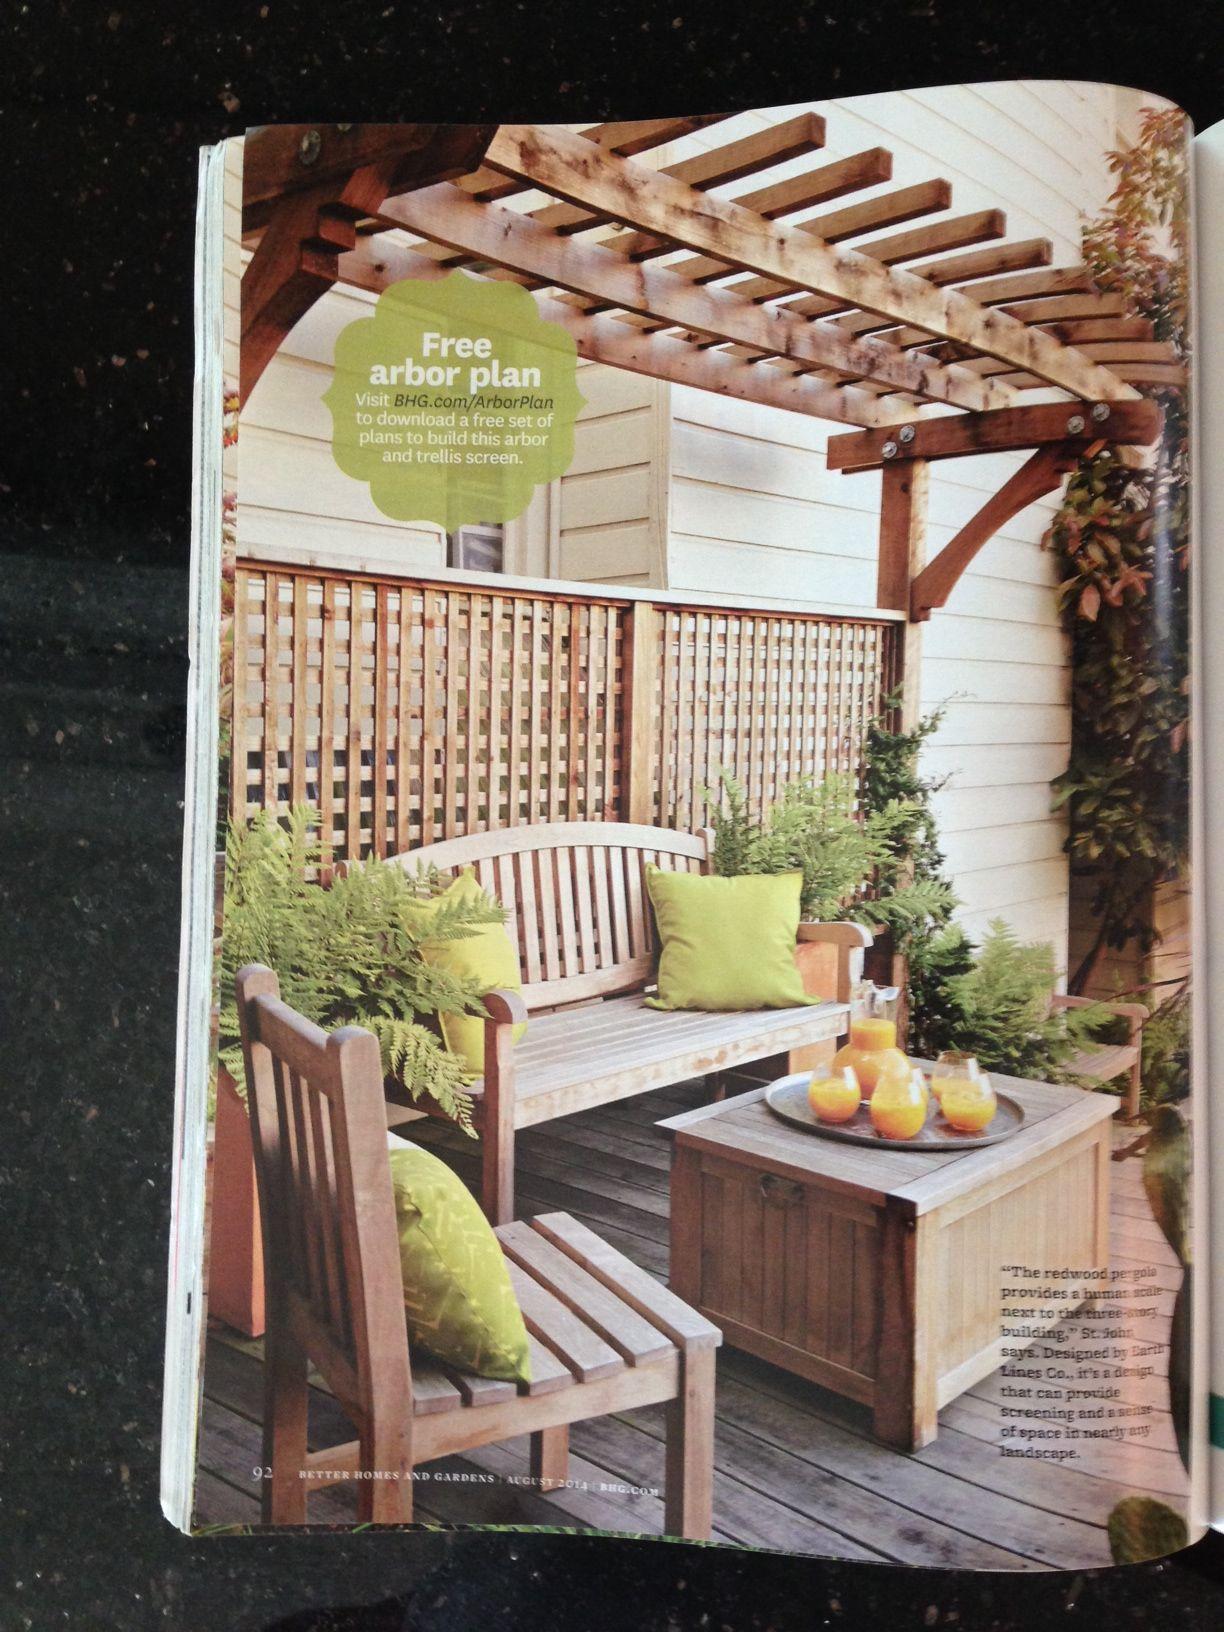 c5b901b7060406e65e5aef7fbd8b6fb4 - Better Homes And Gardens Magazine July 2014